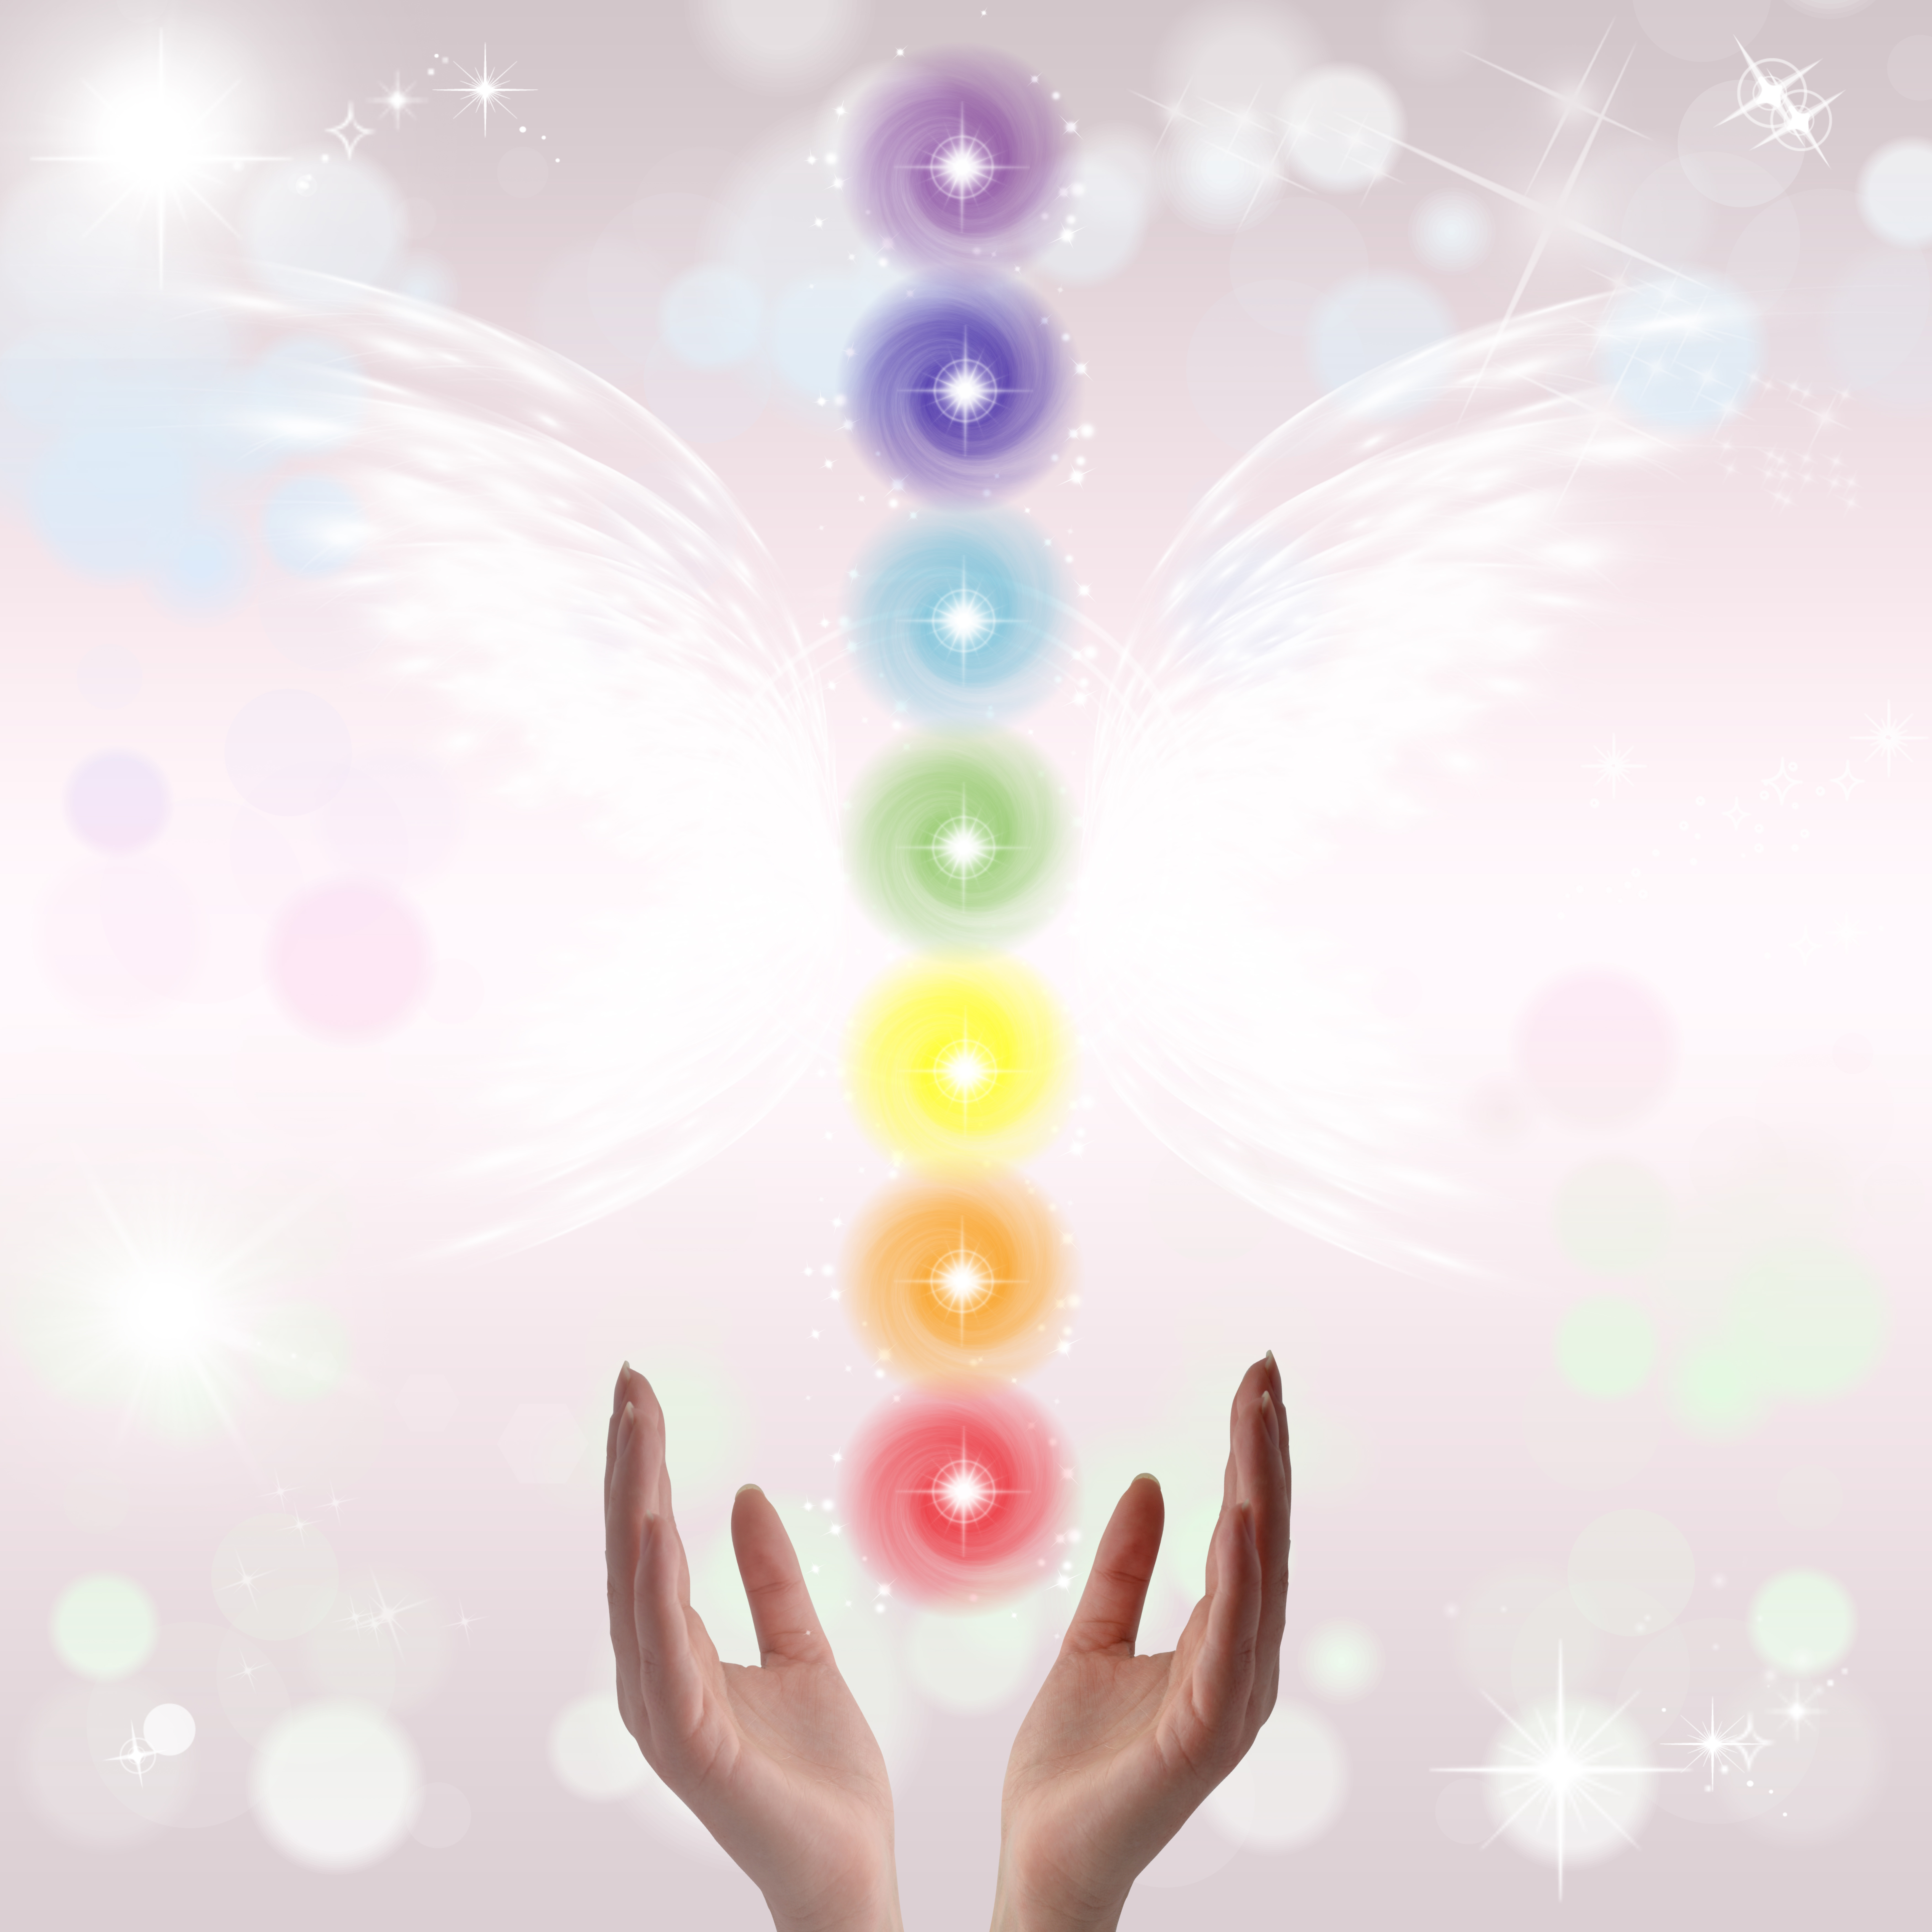 Healing Hands - The Seven Chakras